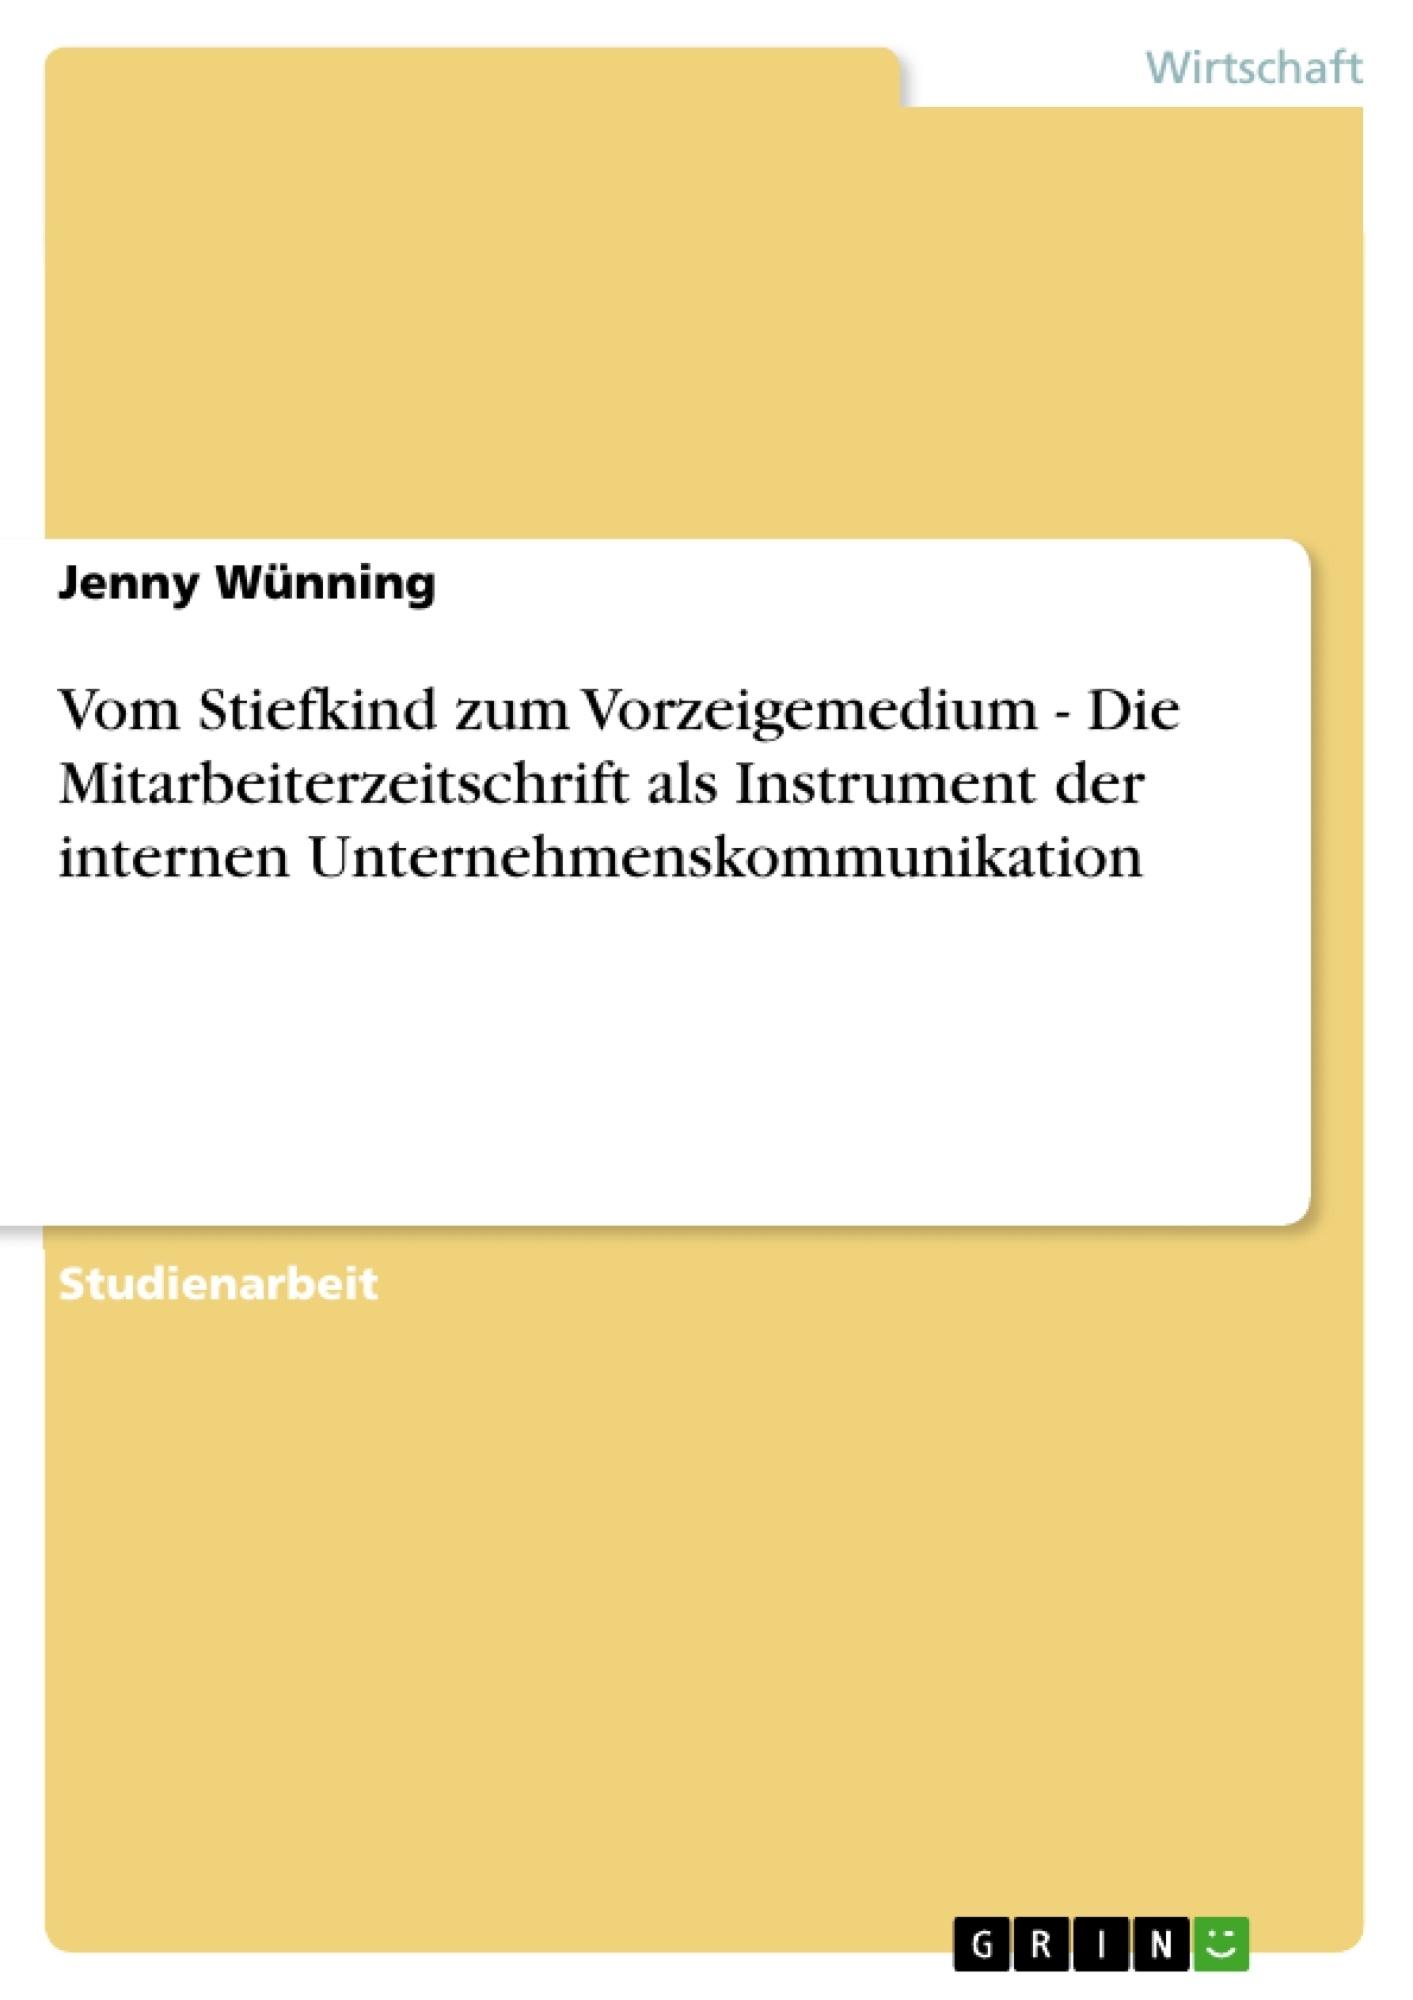 Titel: Vom Stiefkind zum Vorzeigemedium - Die Mitarbeiterzeitschrift als Instrument der internen Unternehmenskommunikation